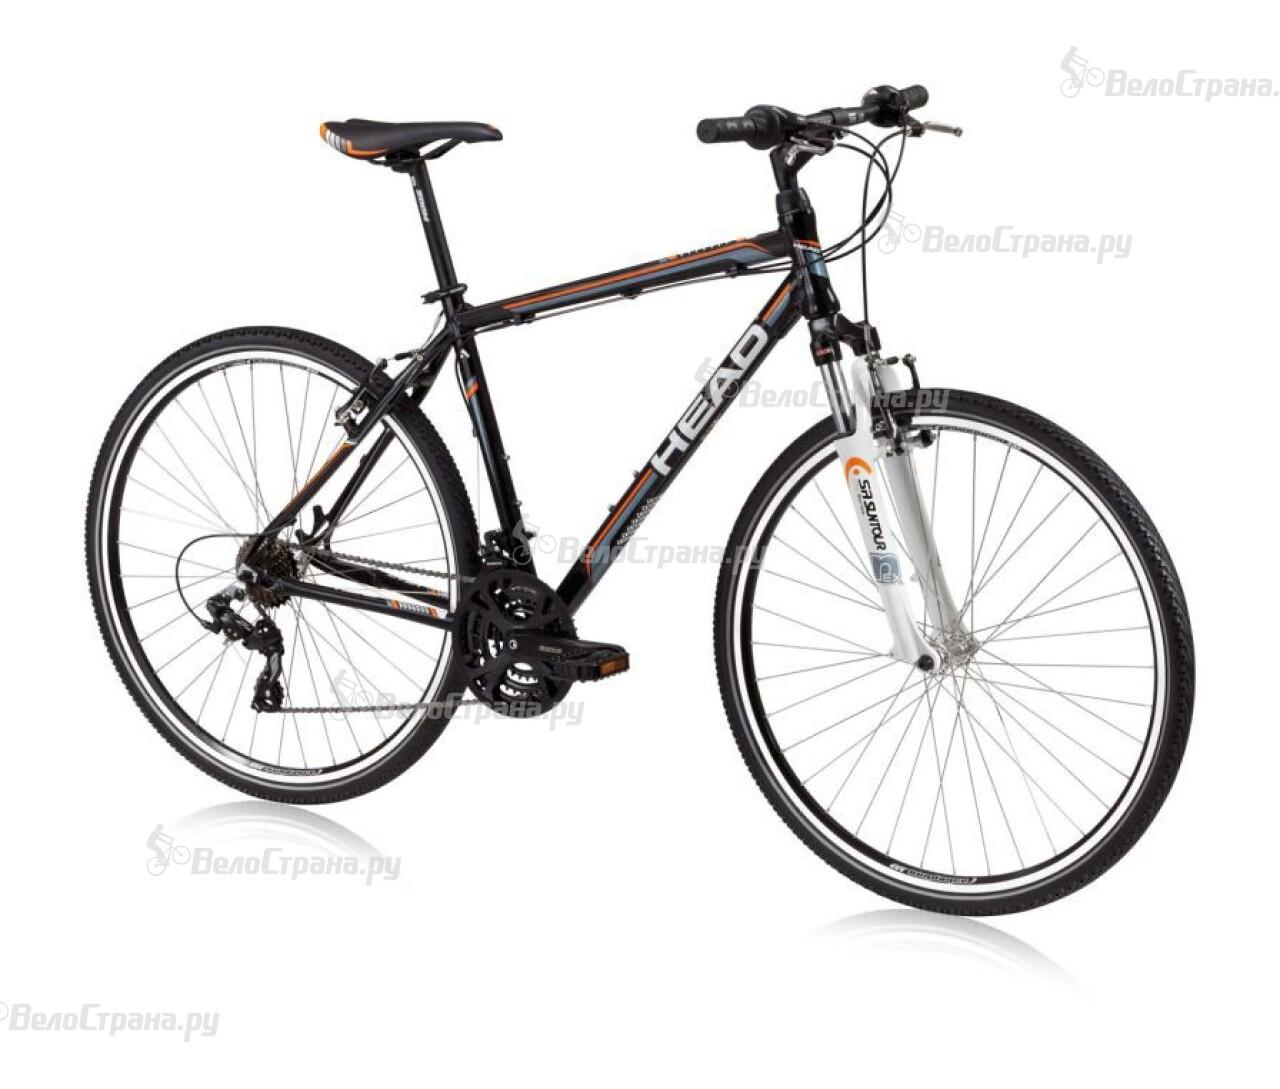 Велосипед Head I-Peak 1 (2014)